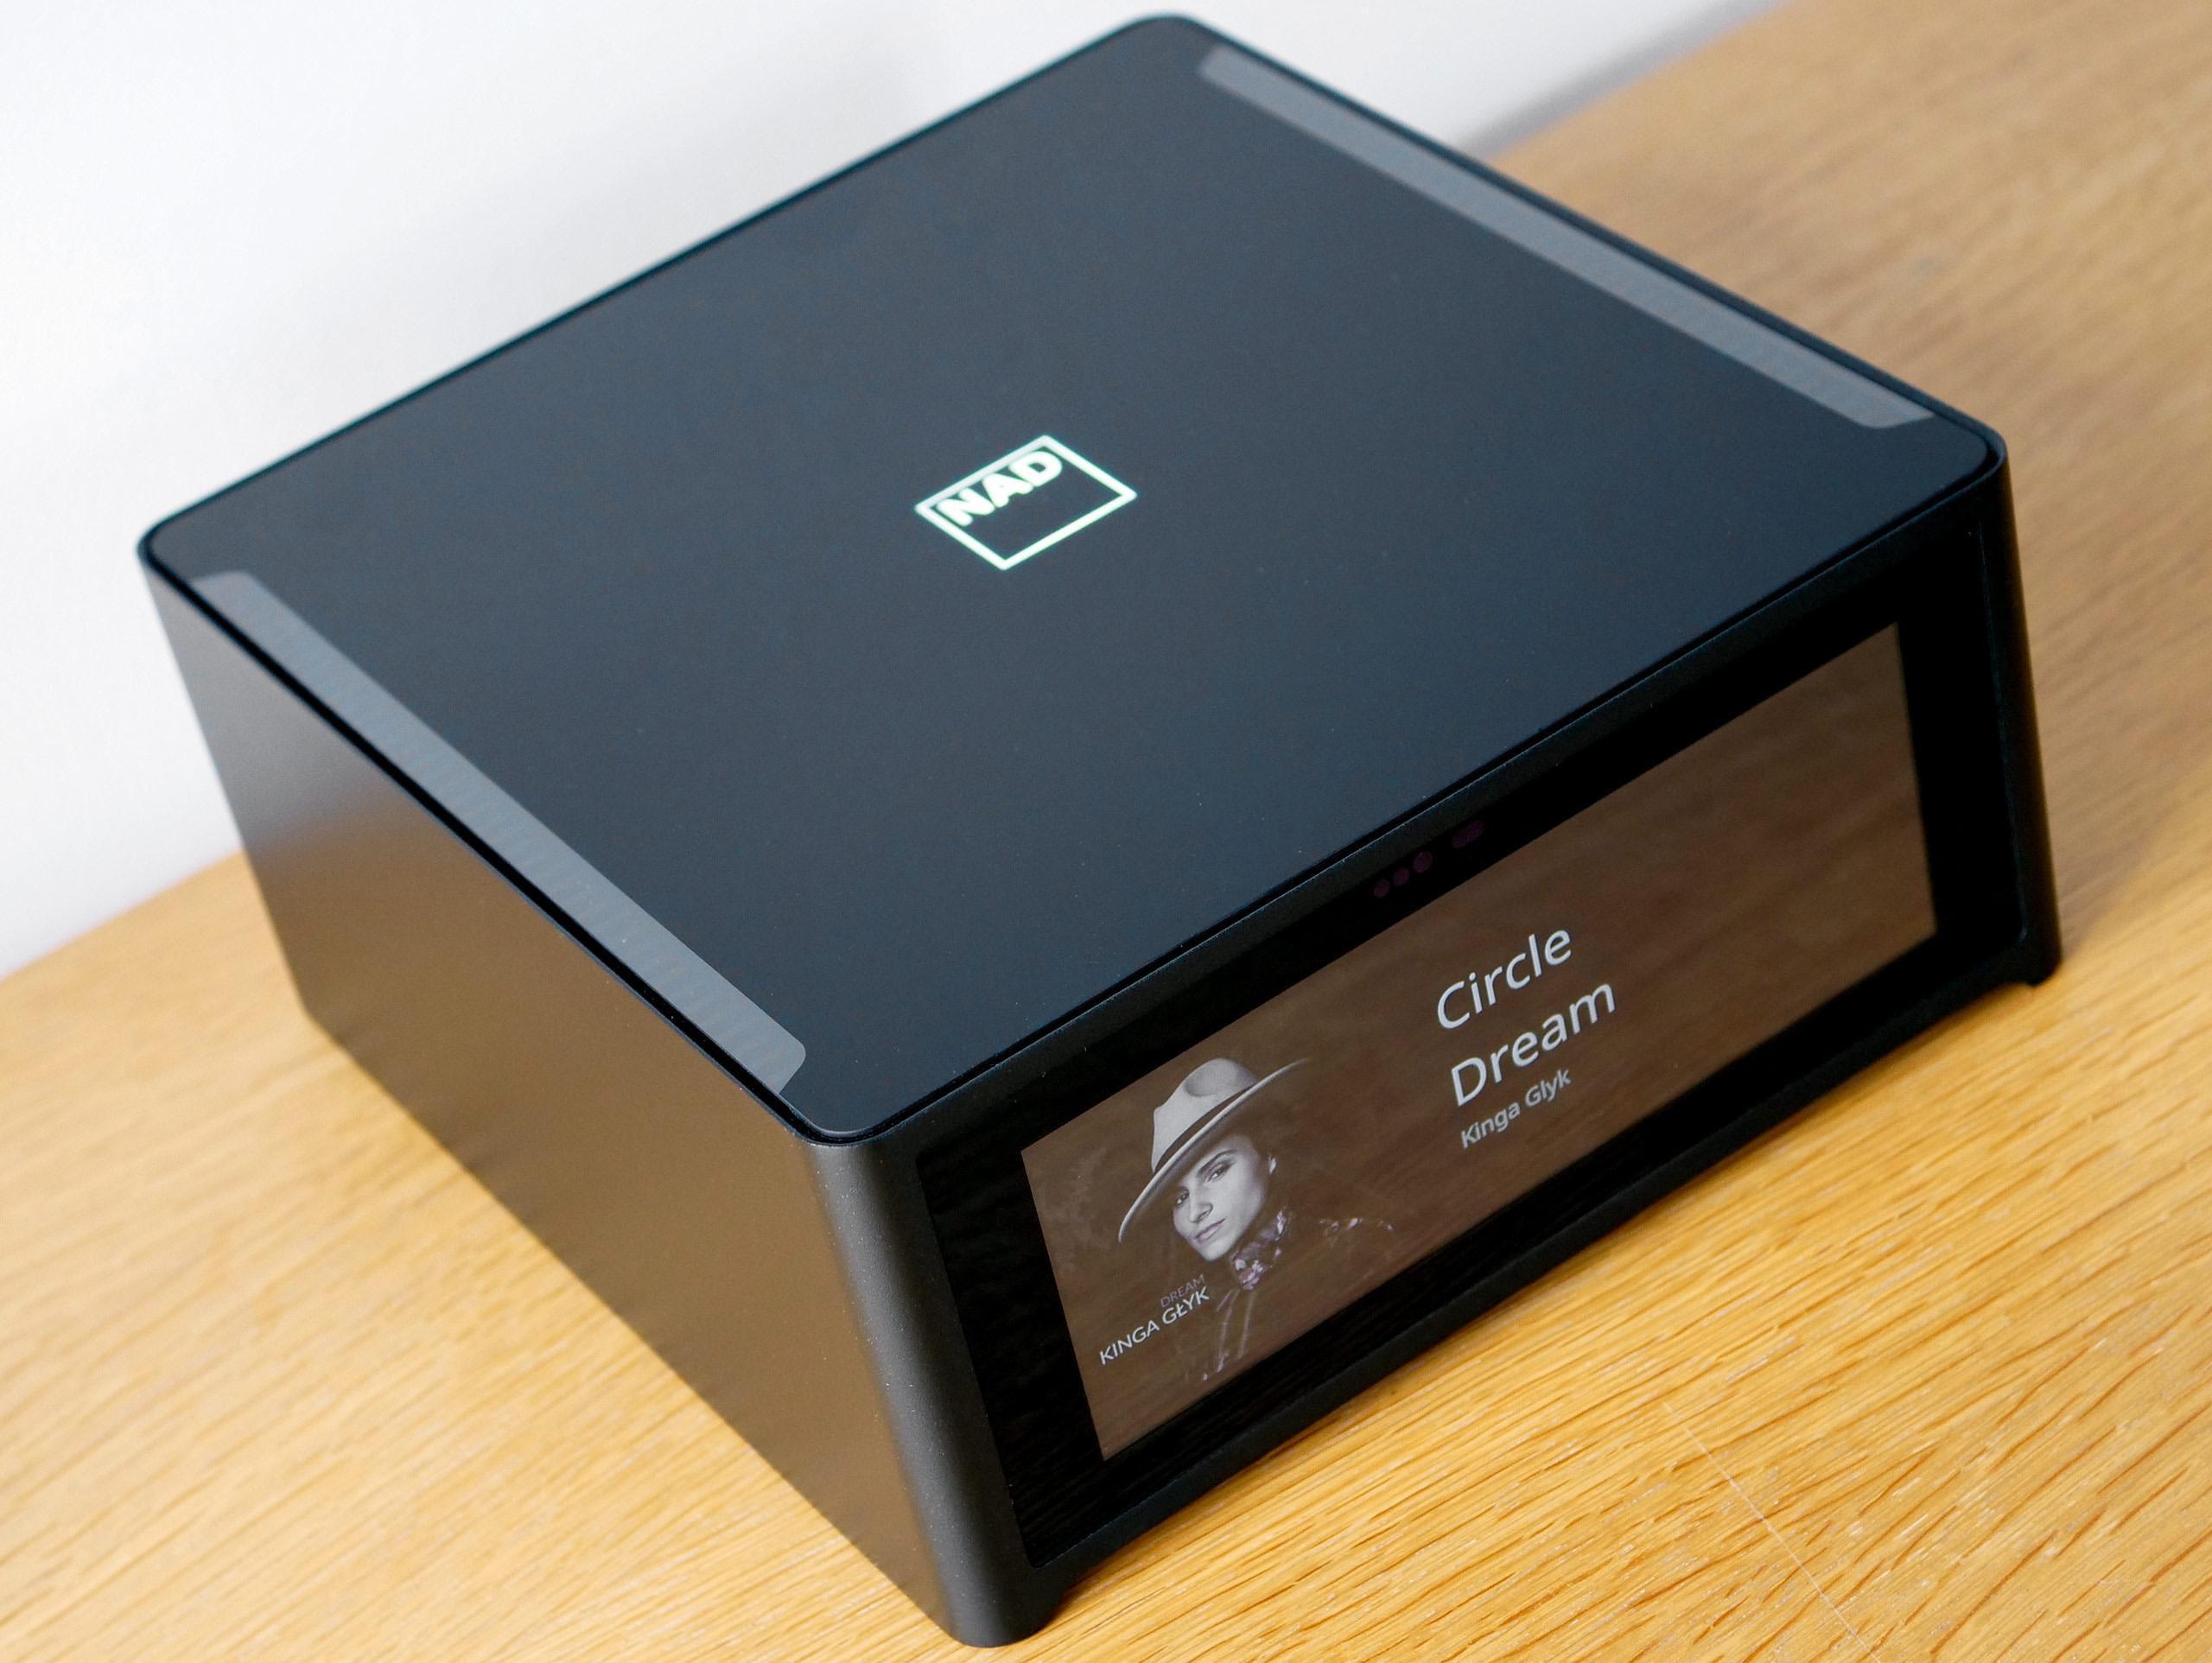 L'ampli NAD M10 un concentré de HiFi et de musique numérique dans un format très compact : puissance 2 x 100 Watts et lecteur réseau BluOS